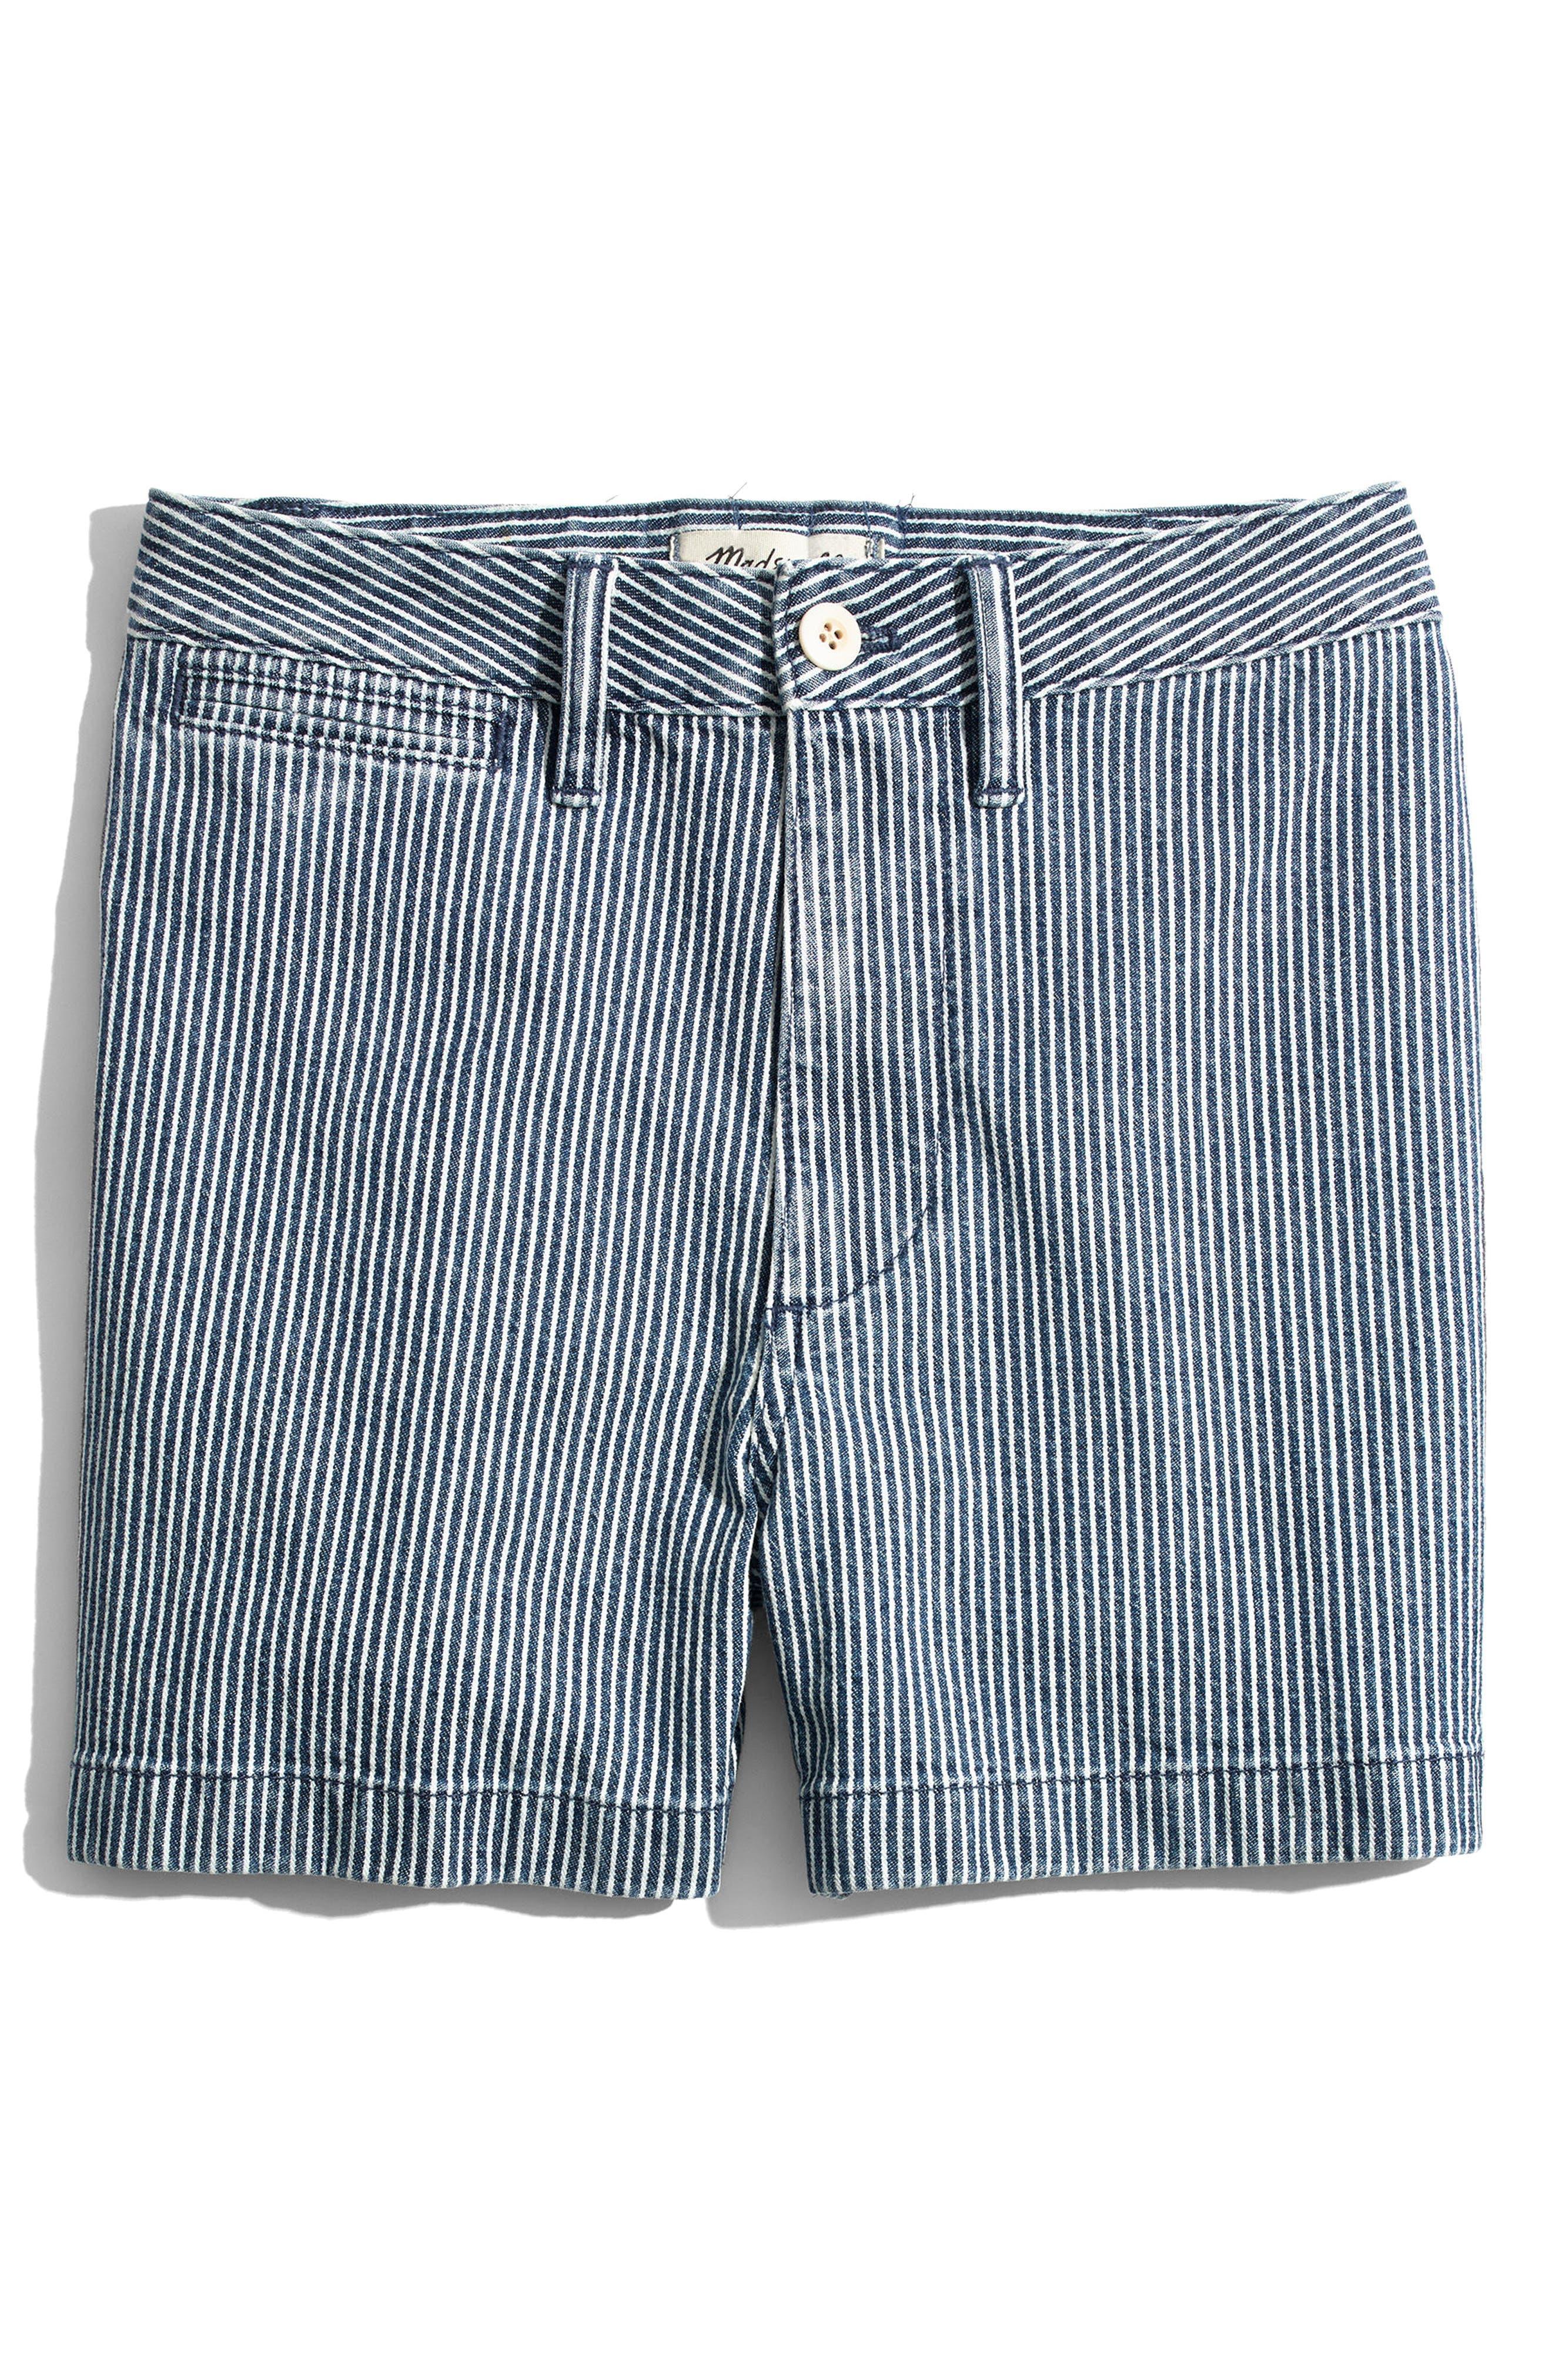 Emmett Stripe Denim Shorts,                             Alternate thumbnail 4, color,                             400